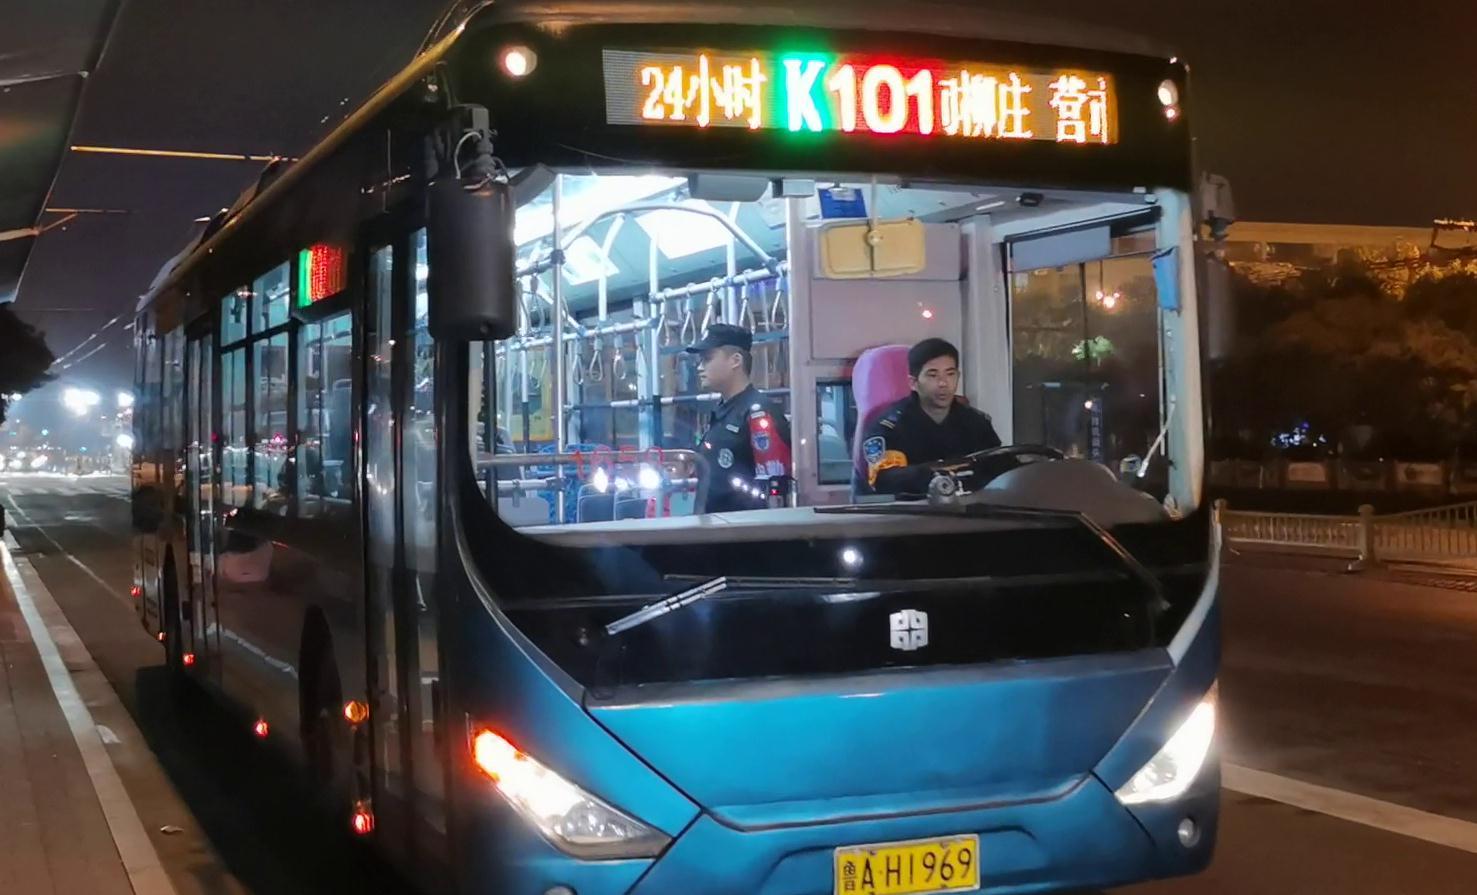 70秒丨济南首条24小时公交线运行  凌晨后一半乘客是代驾